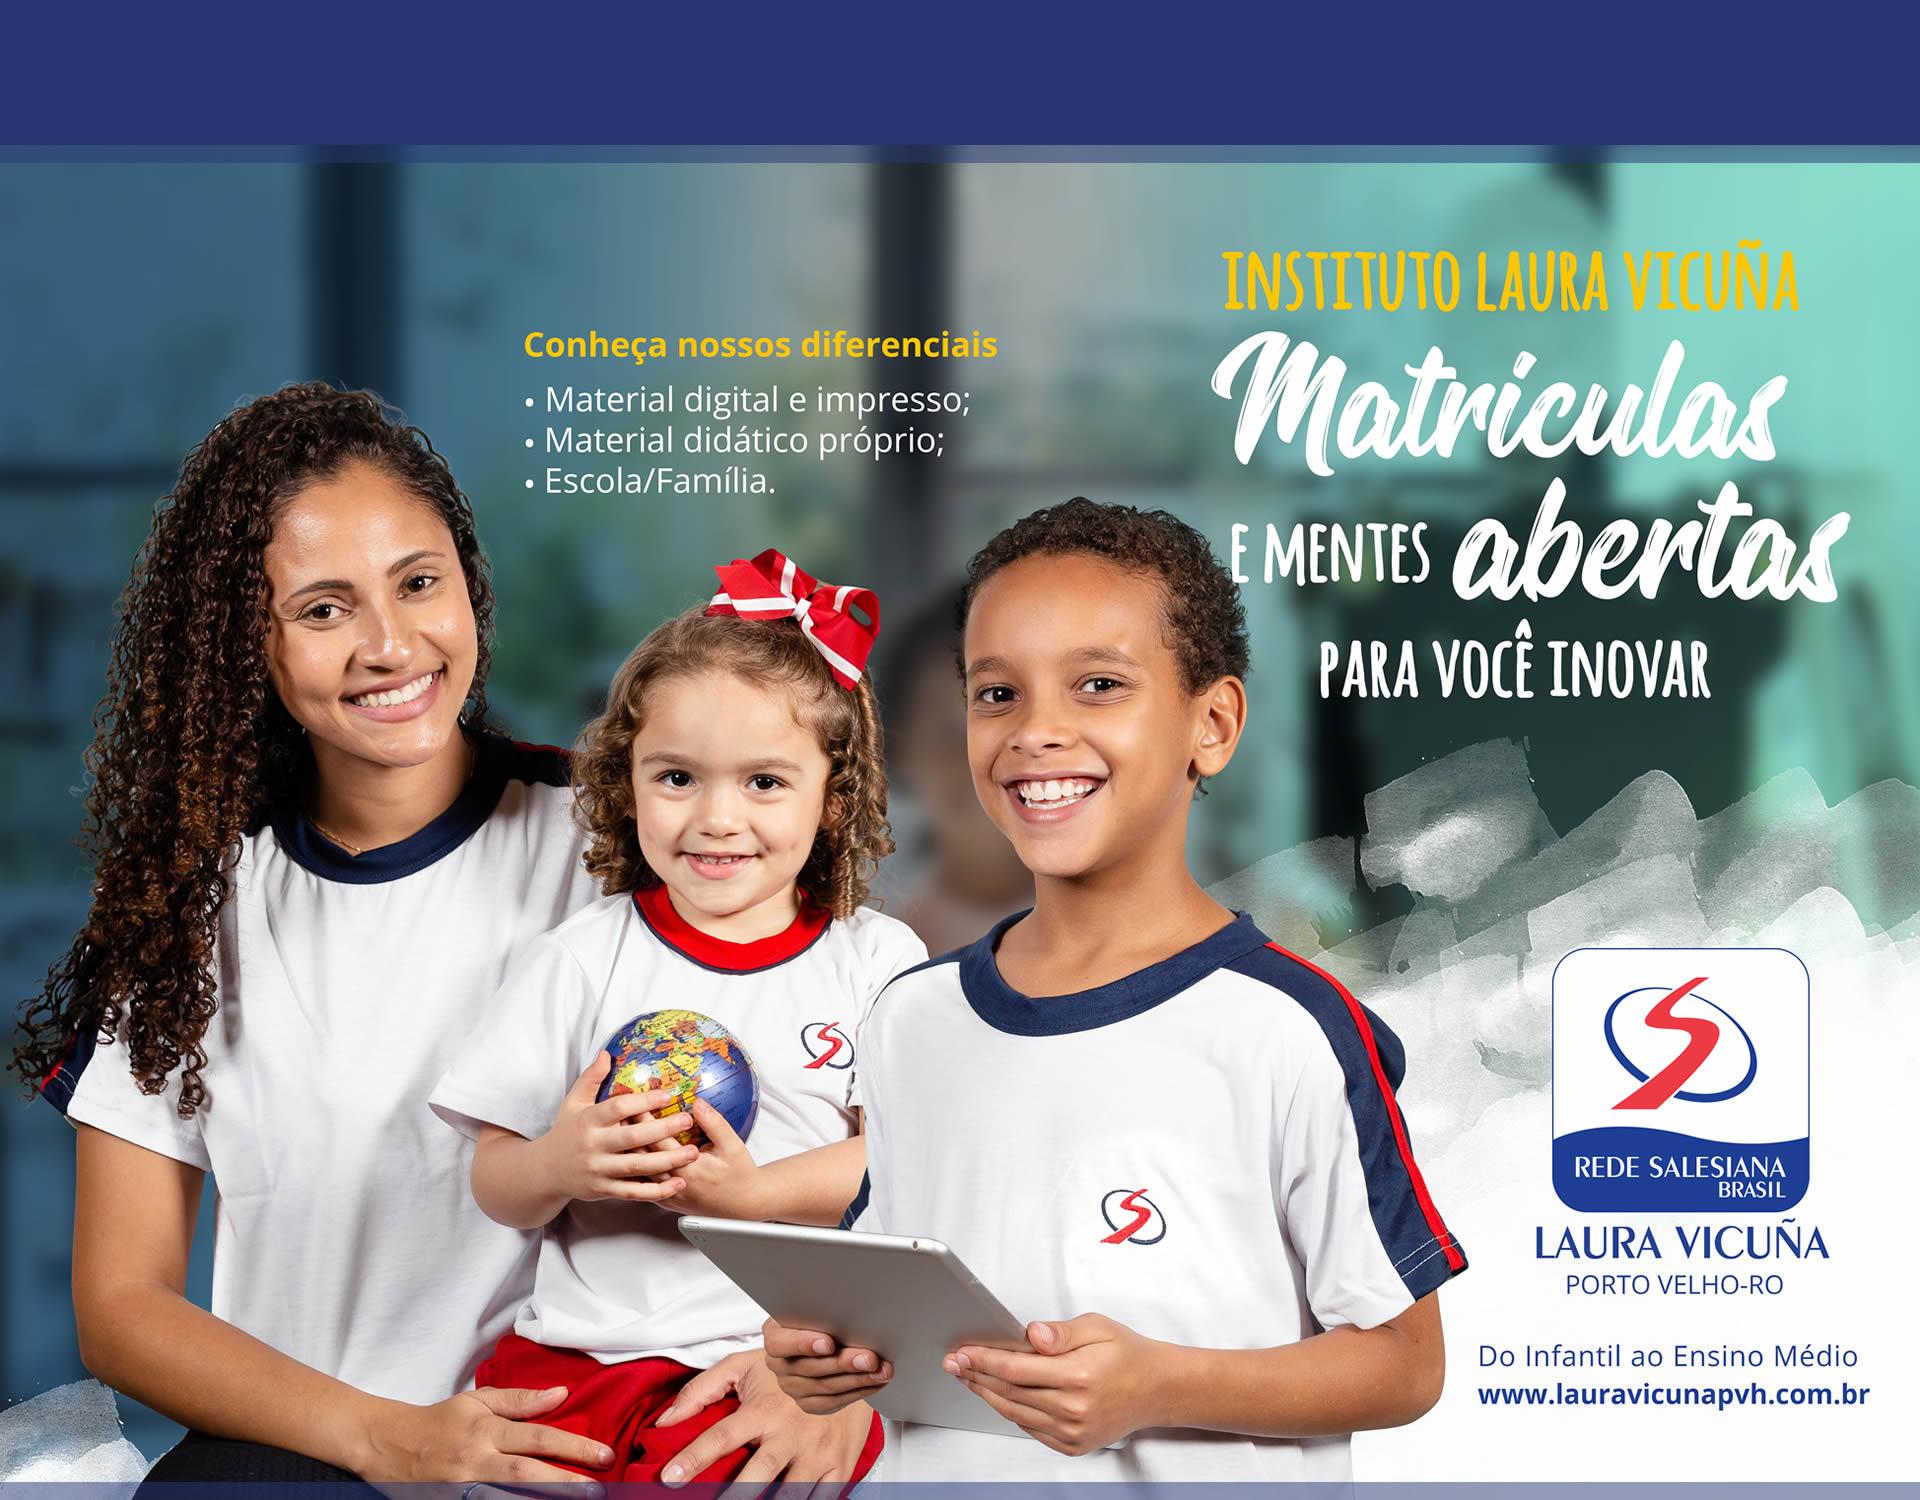 Matrículas 2019 - Instituto Laura Vicuña